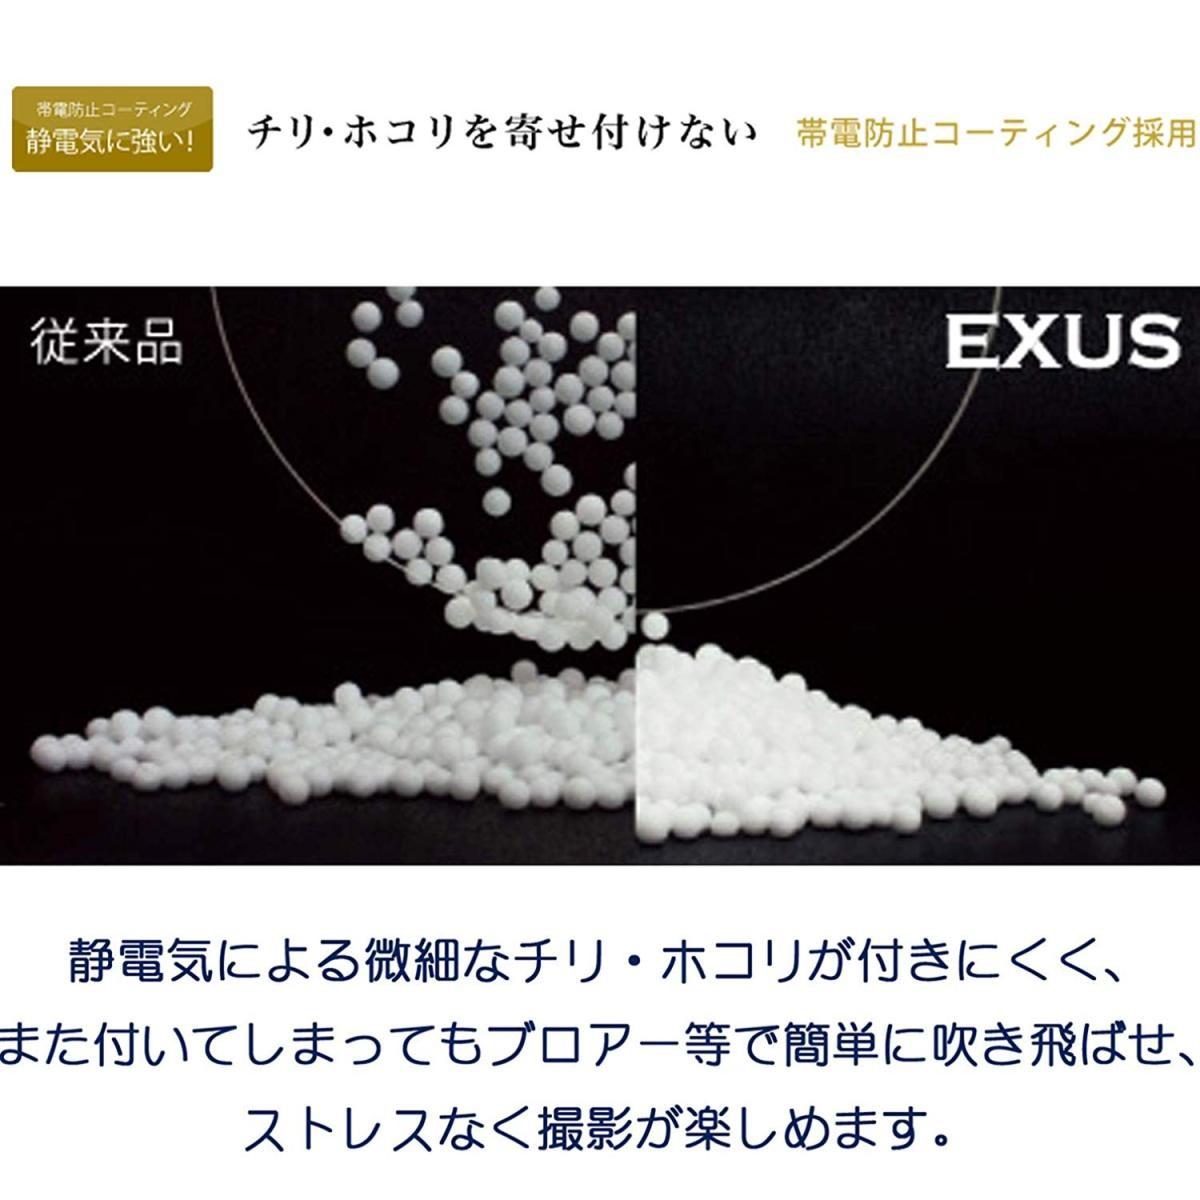 マルミ エグザス レンズ保護フィルター EXUS LENS PROTECT 67mmの商品画像 4